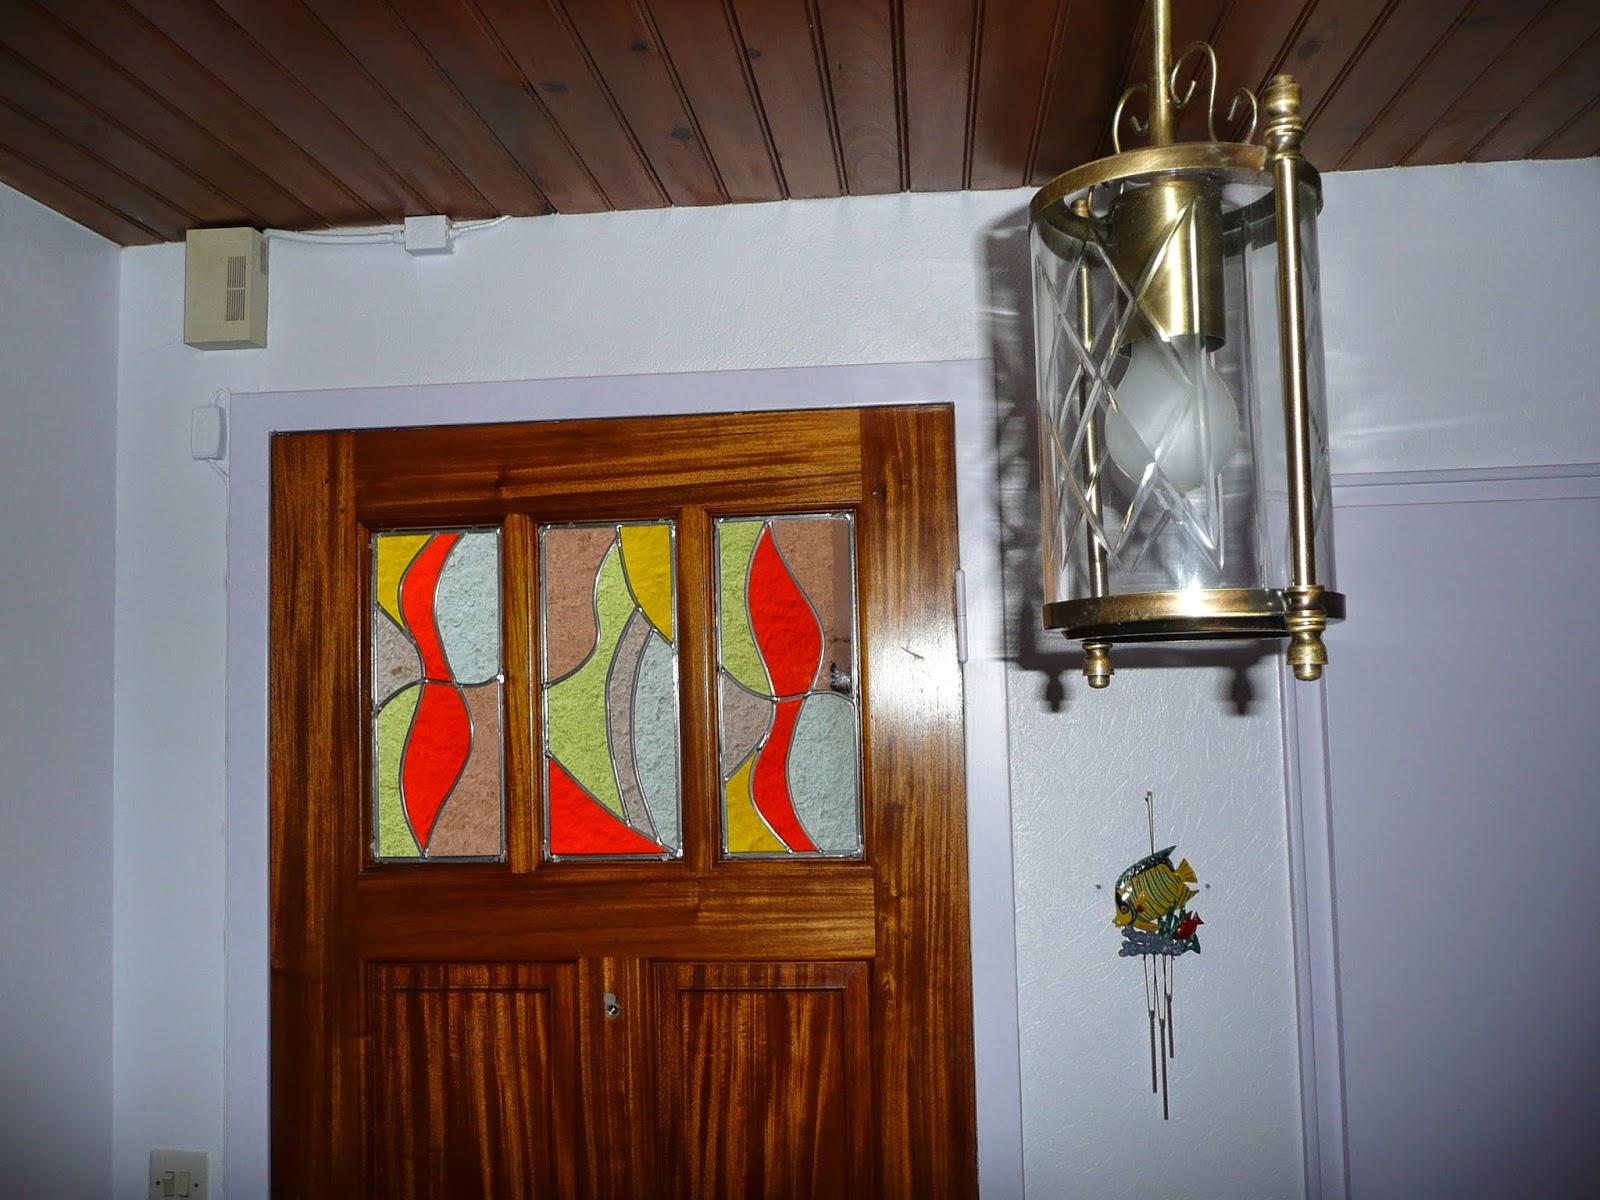 des id es en verre vitraux aux plombs triptyque pour une porte d 39 entr e. Black Bedroom Furniture Sets. Home Design Ideas